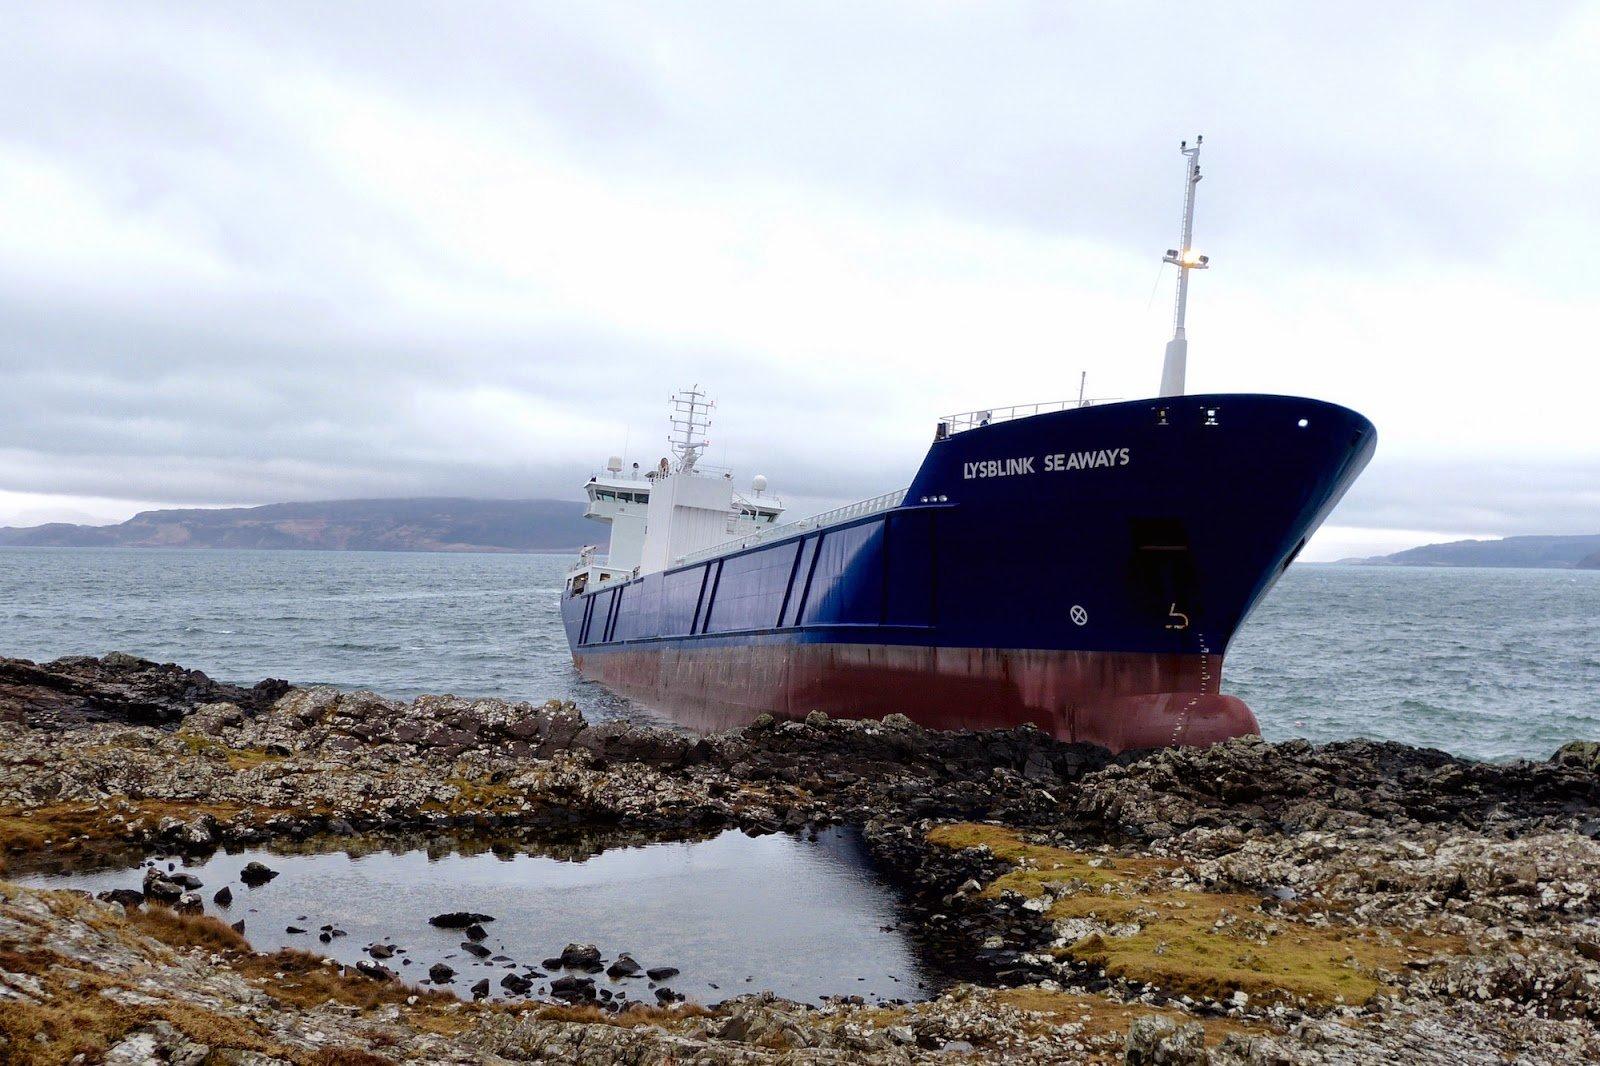 Lysblink Seaways DFDS корабль судно моряк мореход пьяный русский семитонное посадил на мель шотландия новости отвратительные мужики